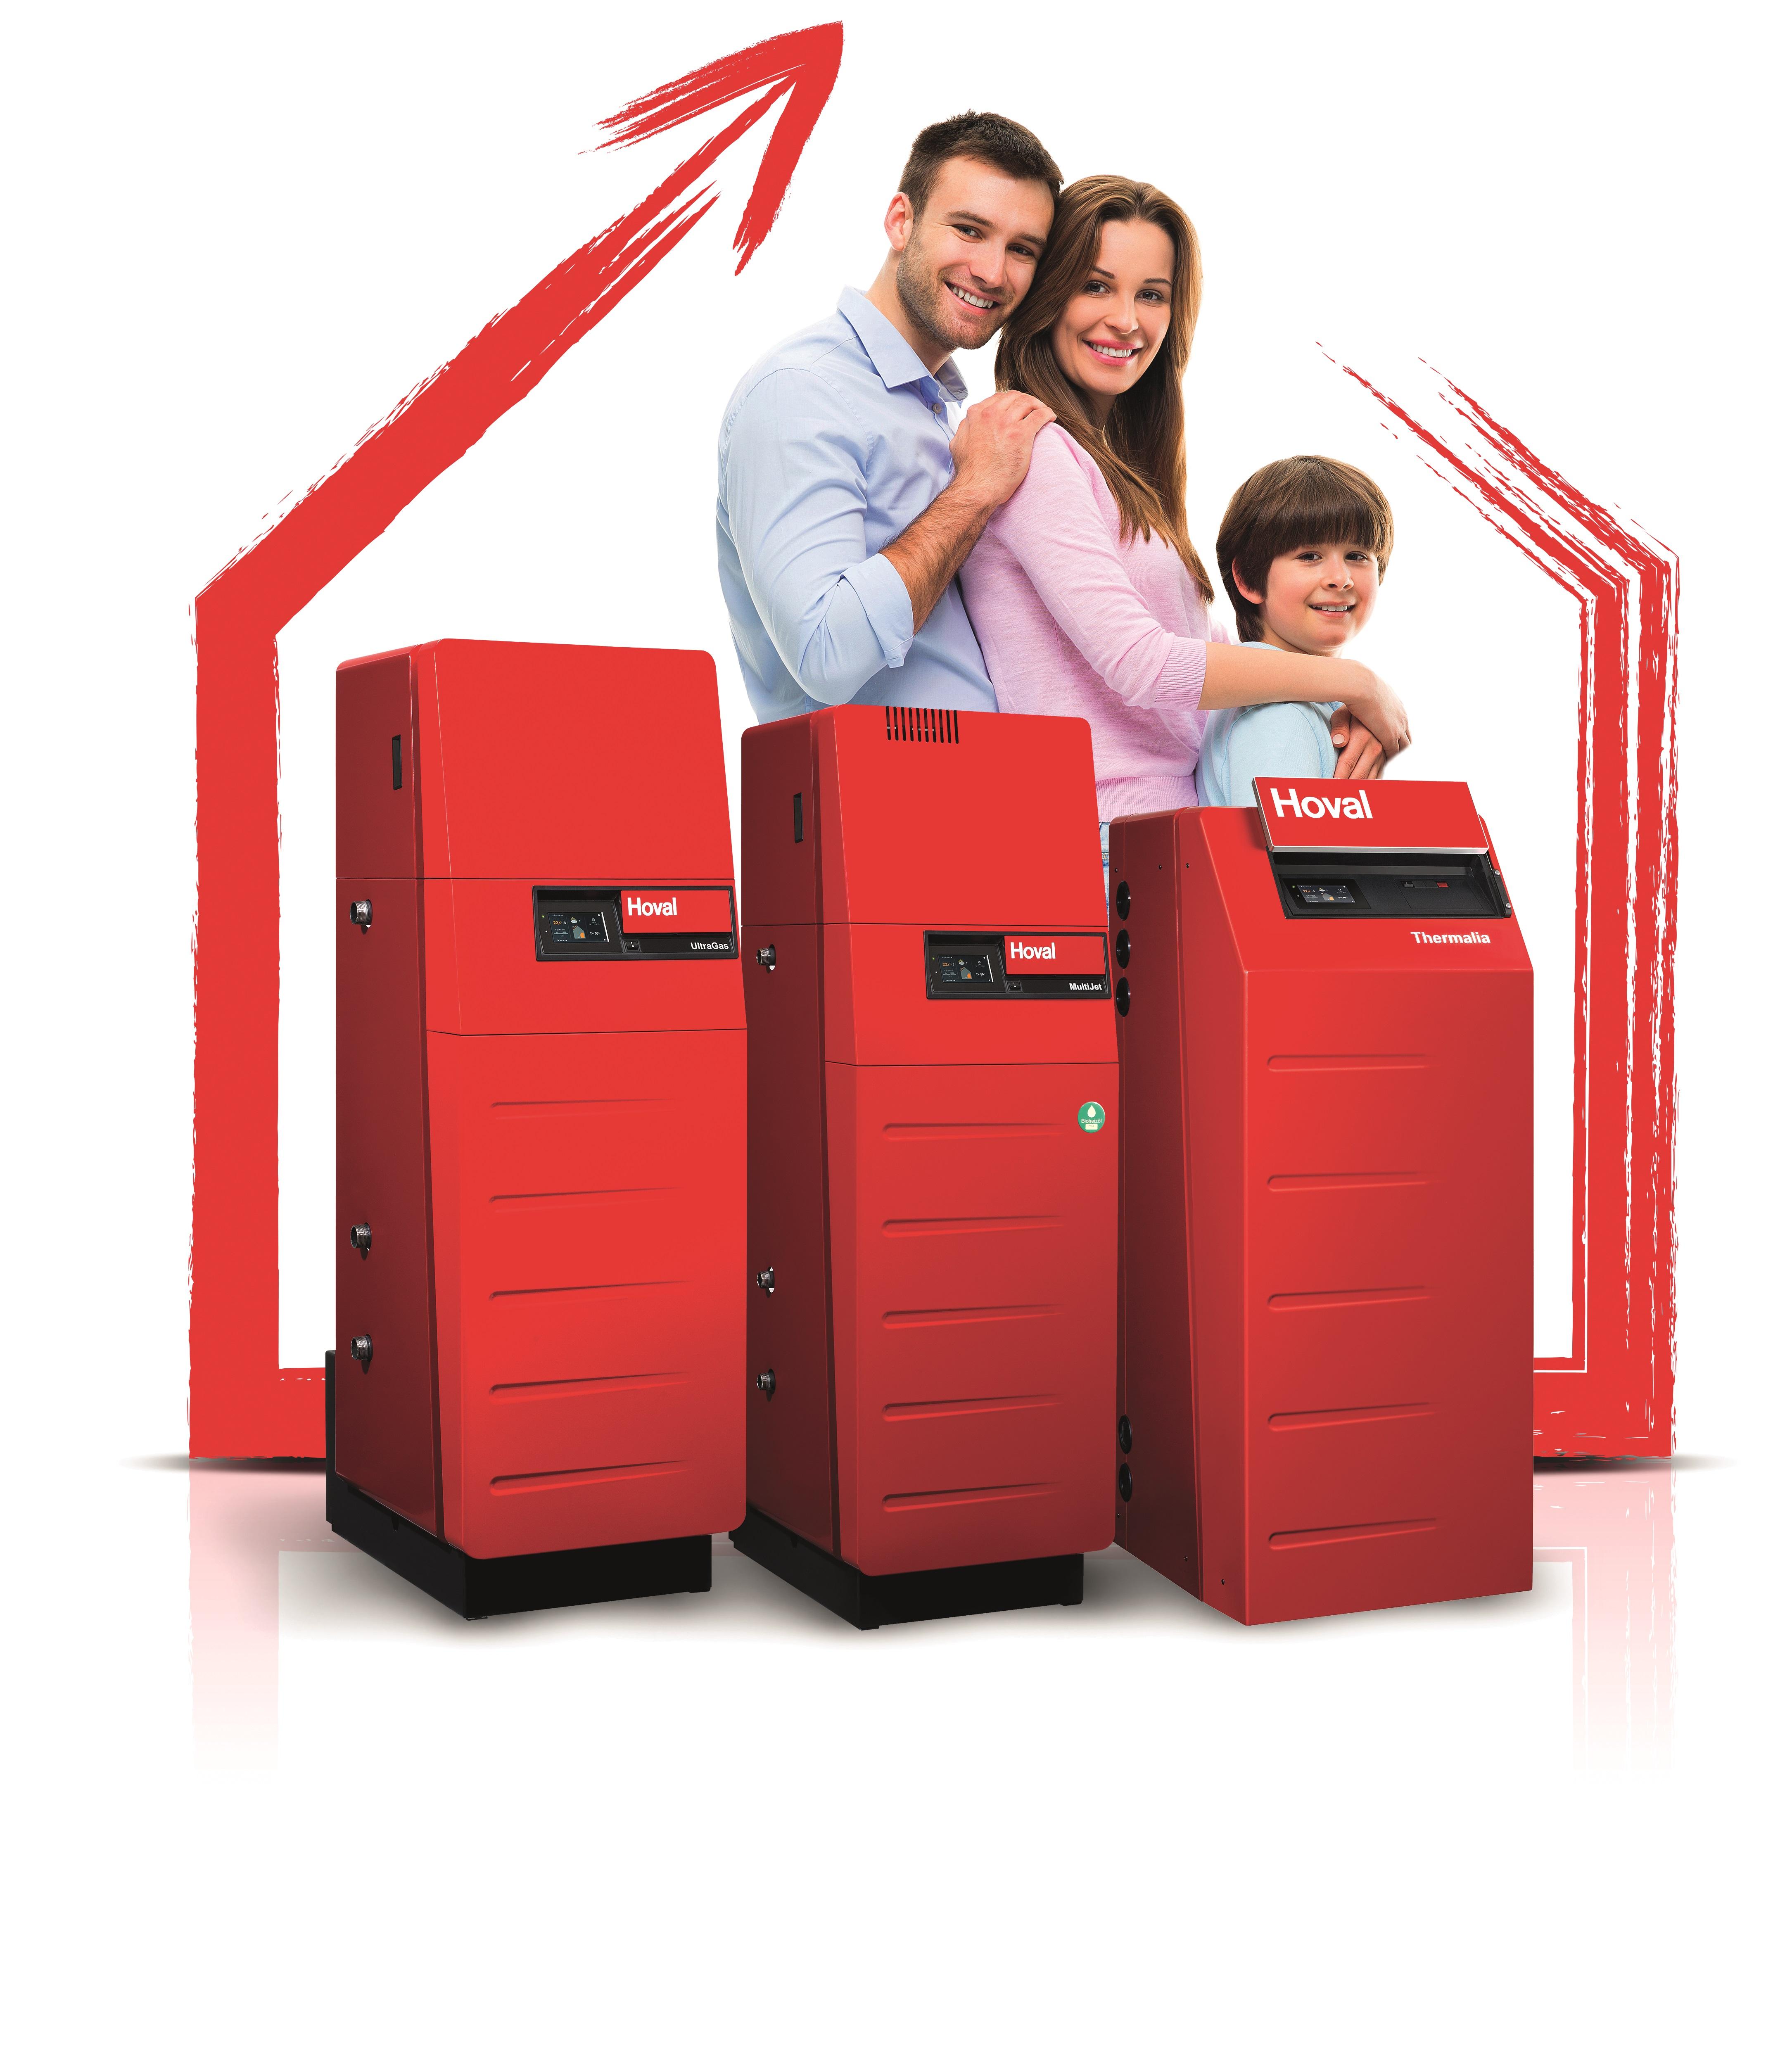 Lumea sistemelor HVAC se schimba! Faceti cunostinta cu Noua Generatie - Lumea sistemelor HVAC se schimba!